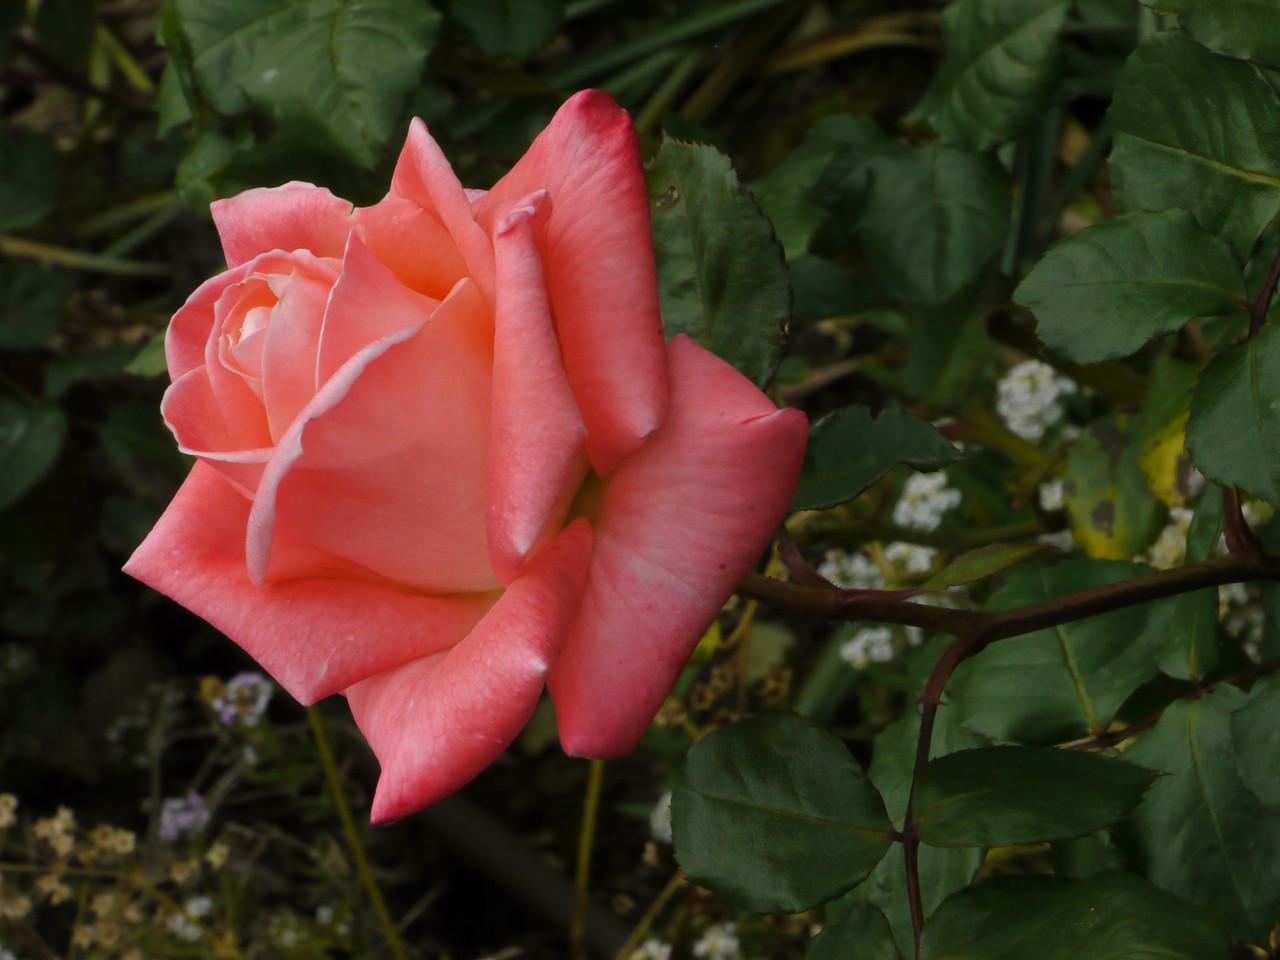 20121028_0825_4320 rose